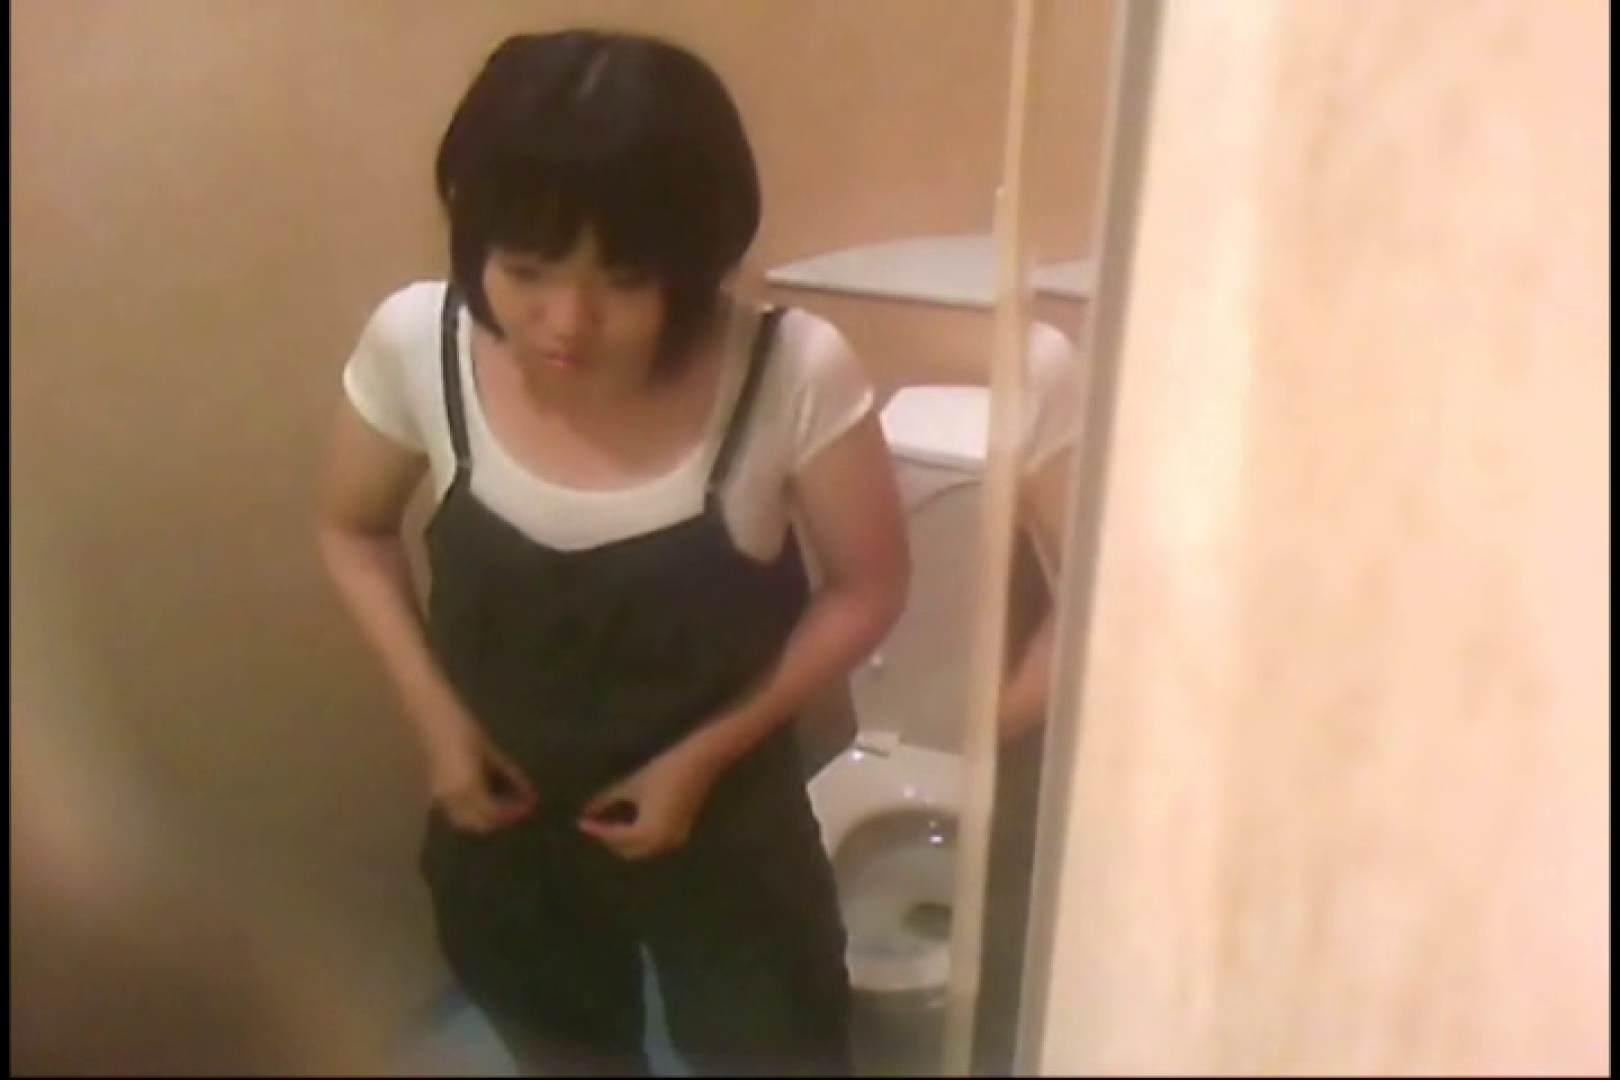 画質向上!新亀さん厠 vol.56 厠・・・ AV無料動画キャプチャ 98PIX 49